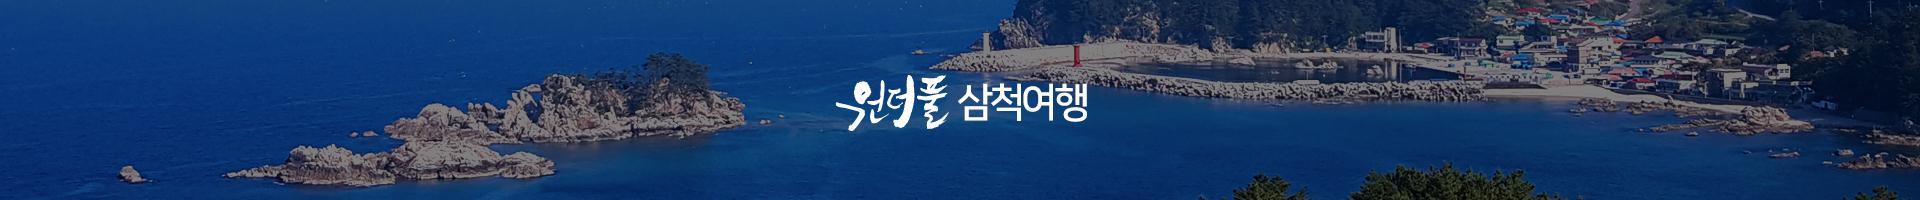 원더풀 삼척여행. 2018 삼척 방문의 해! 신비하고 아름다운 삼척을 즐기자!